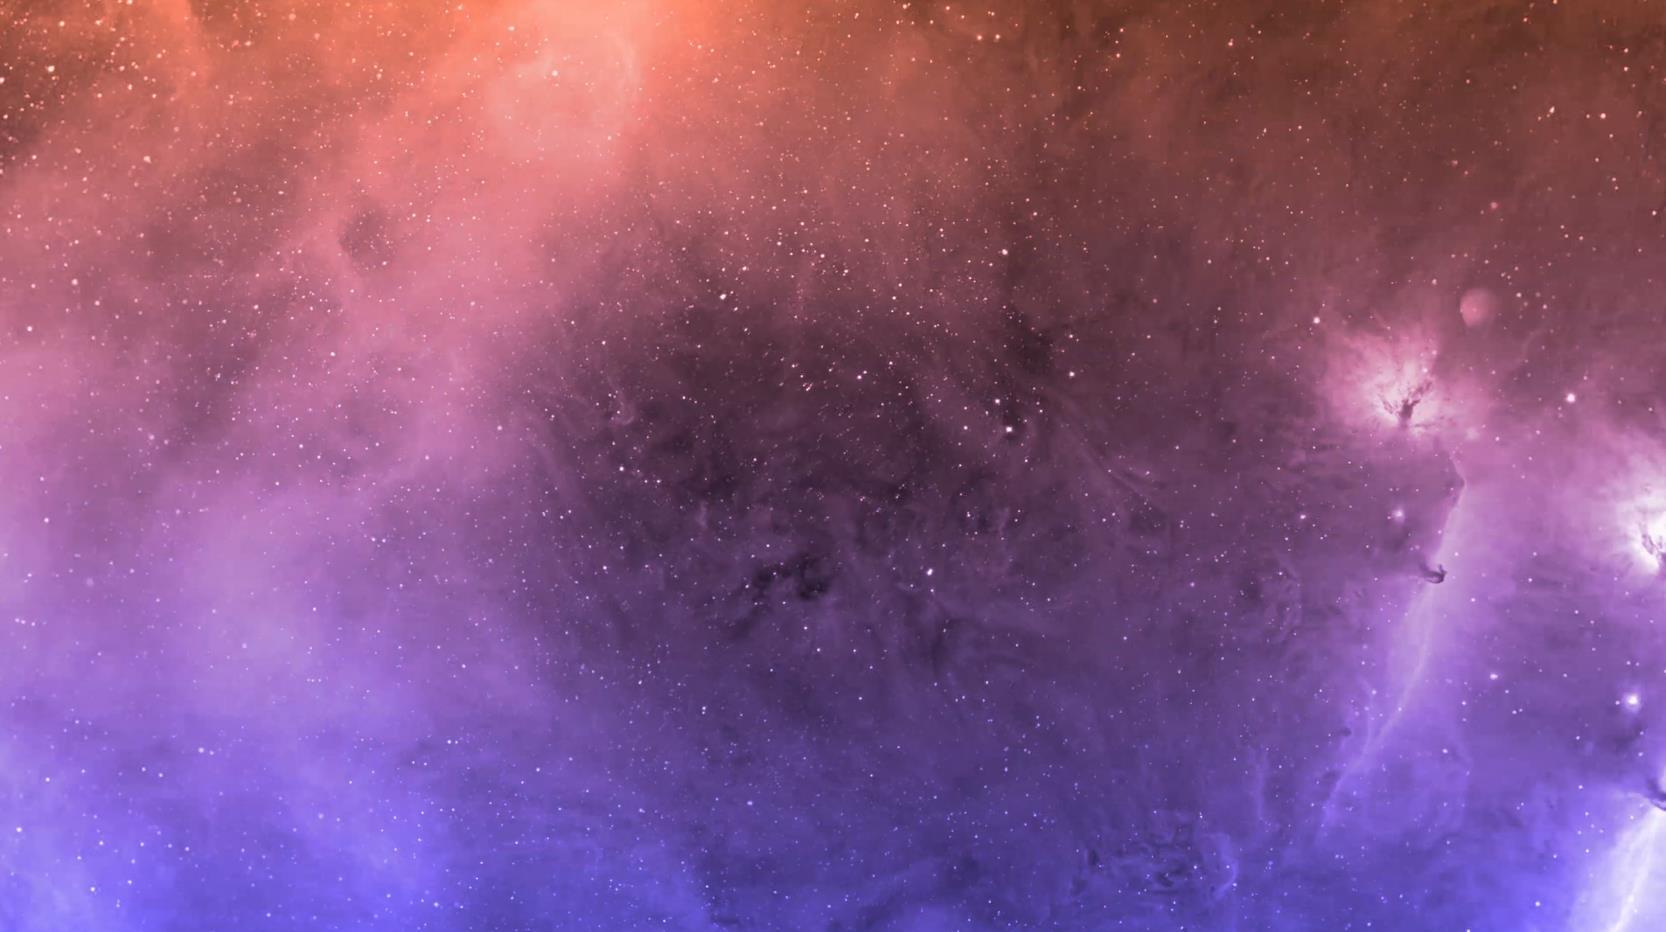 粒子星空宇宙旋转特效背景